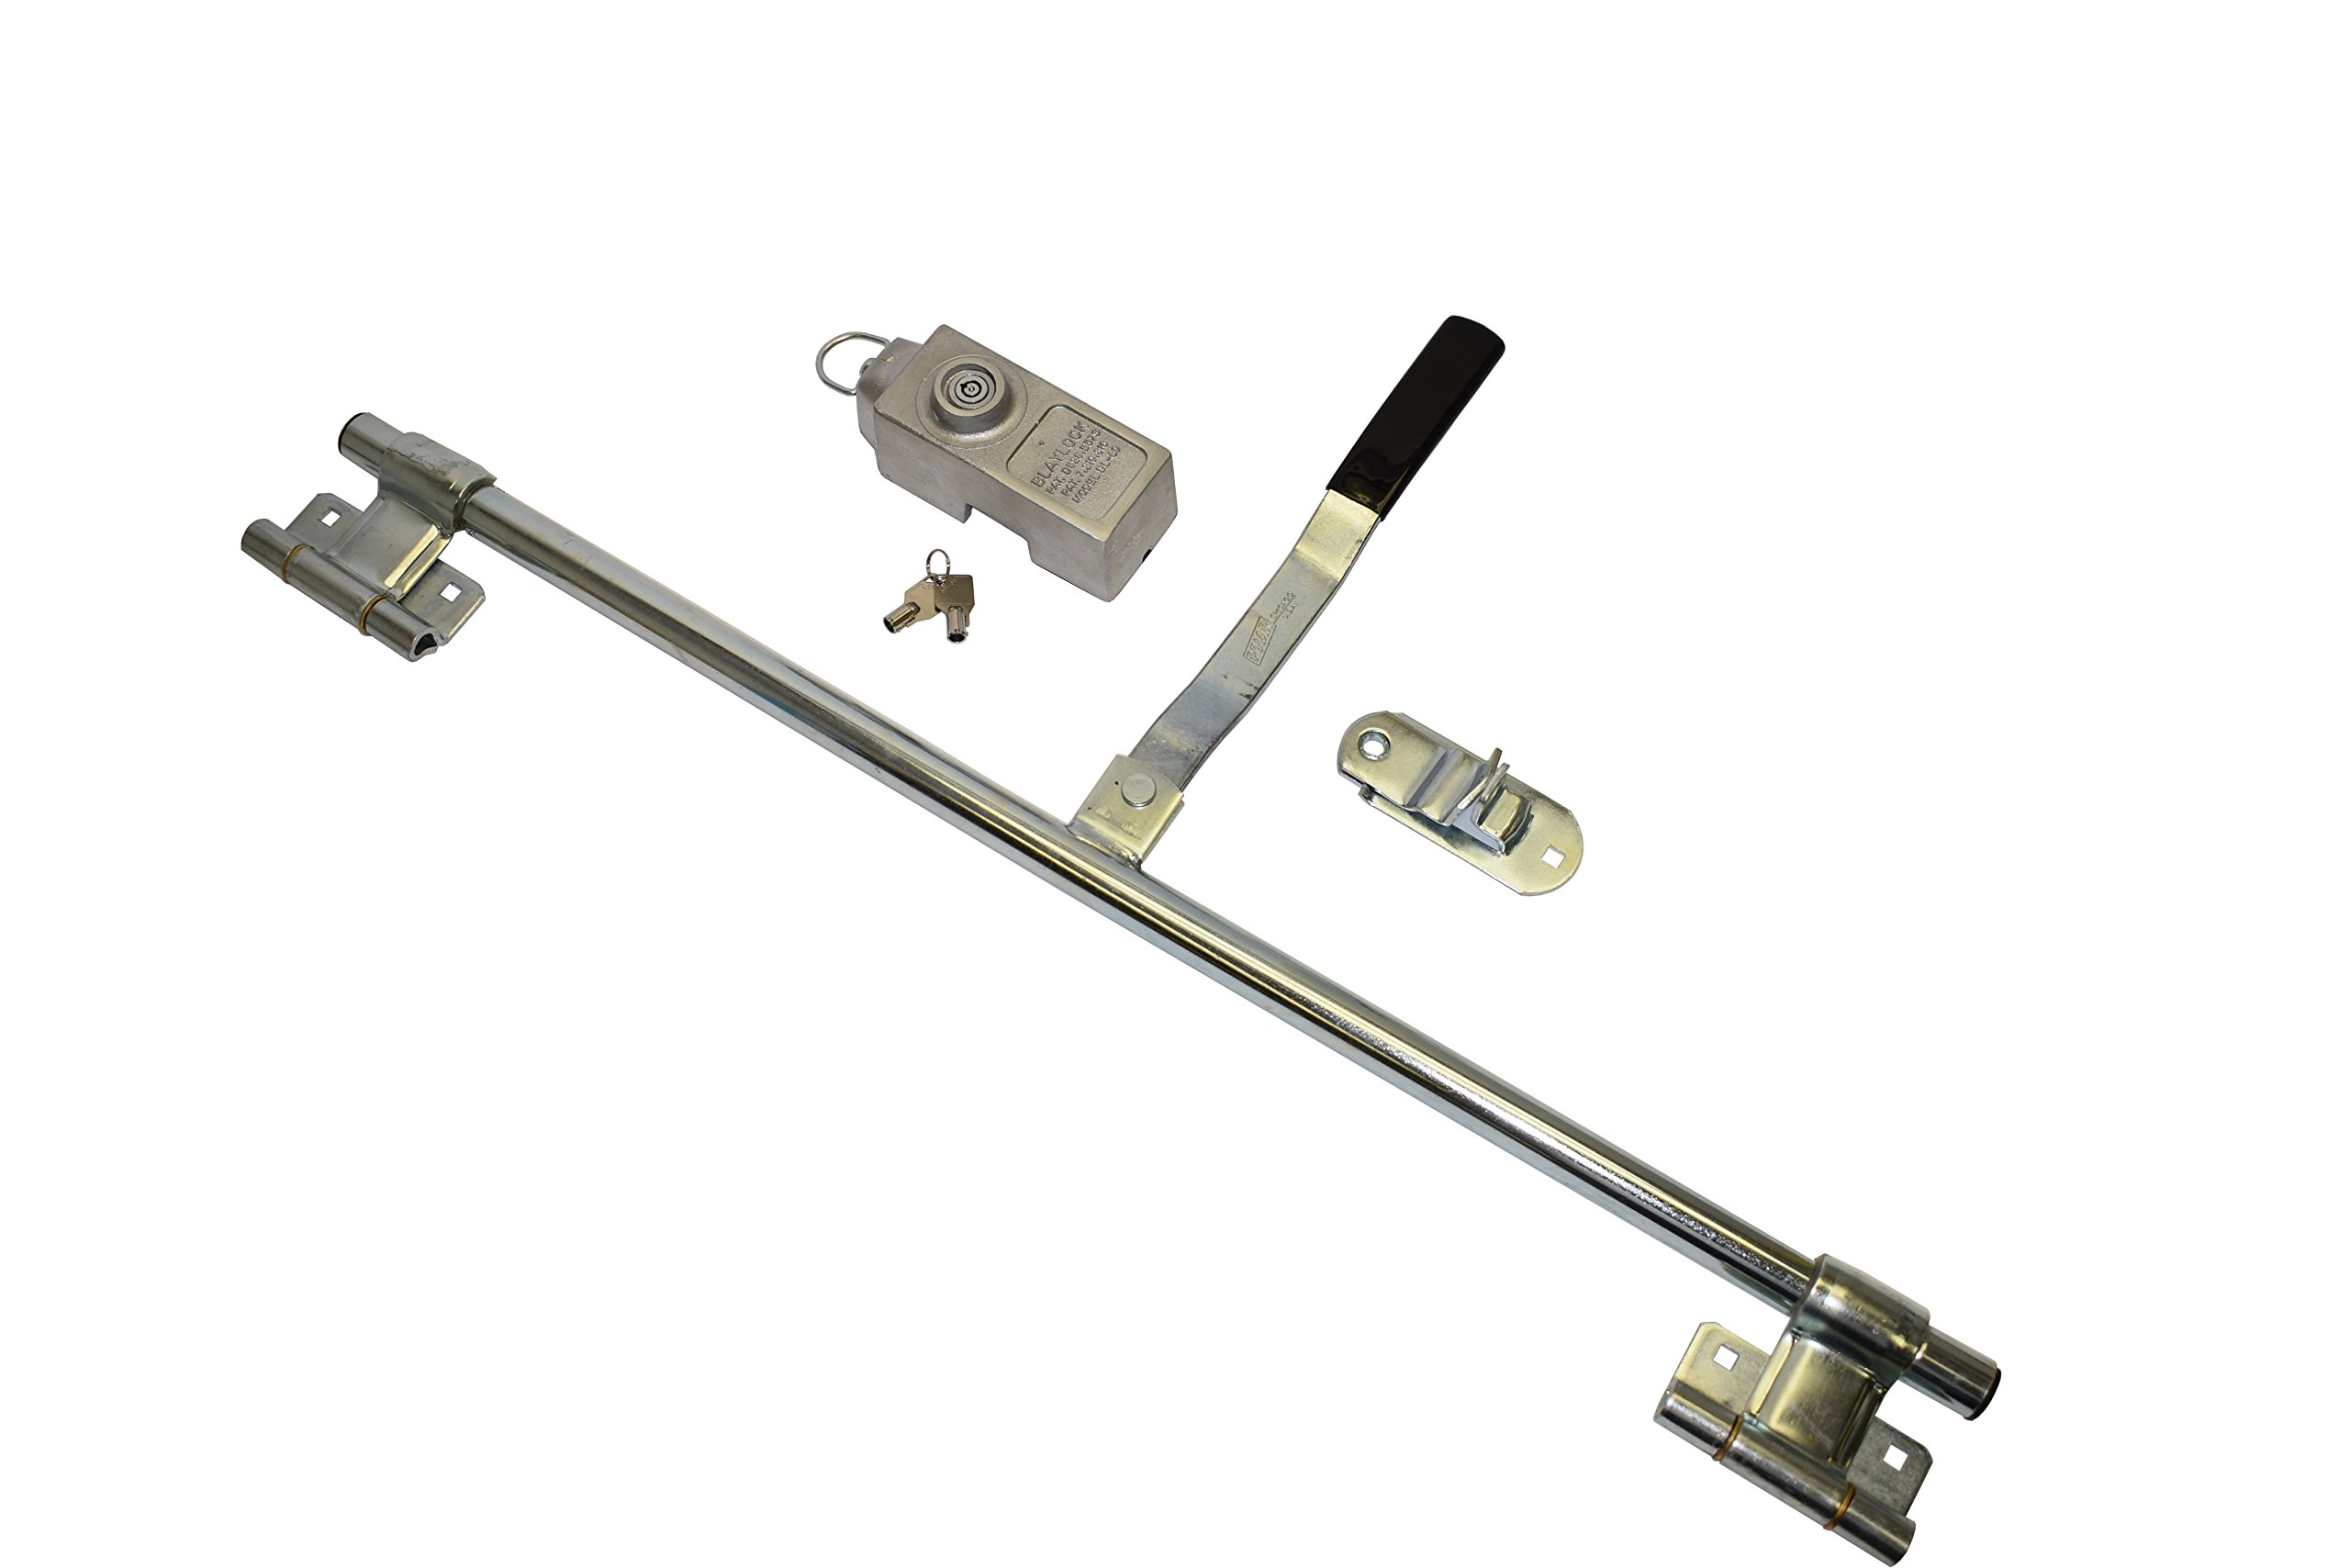 36 Inch Trailer Side Door Lock With Padlock